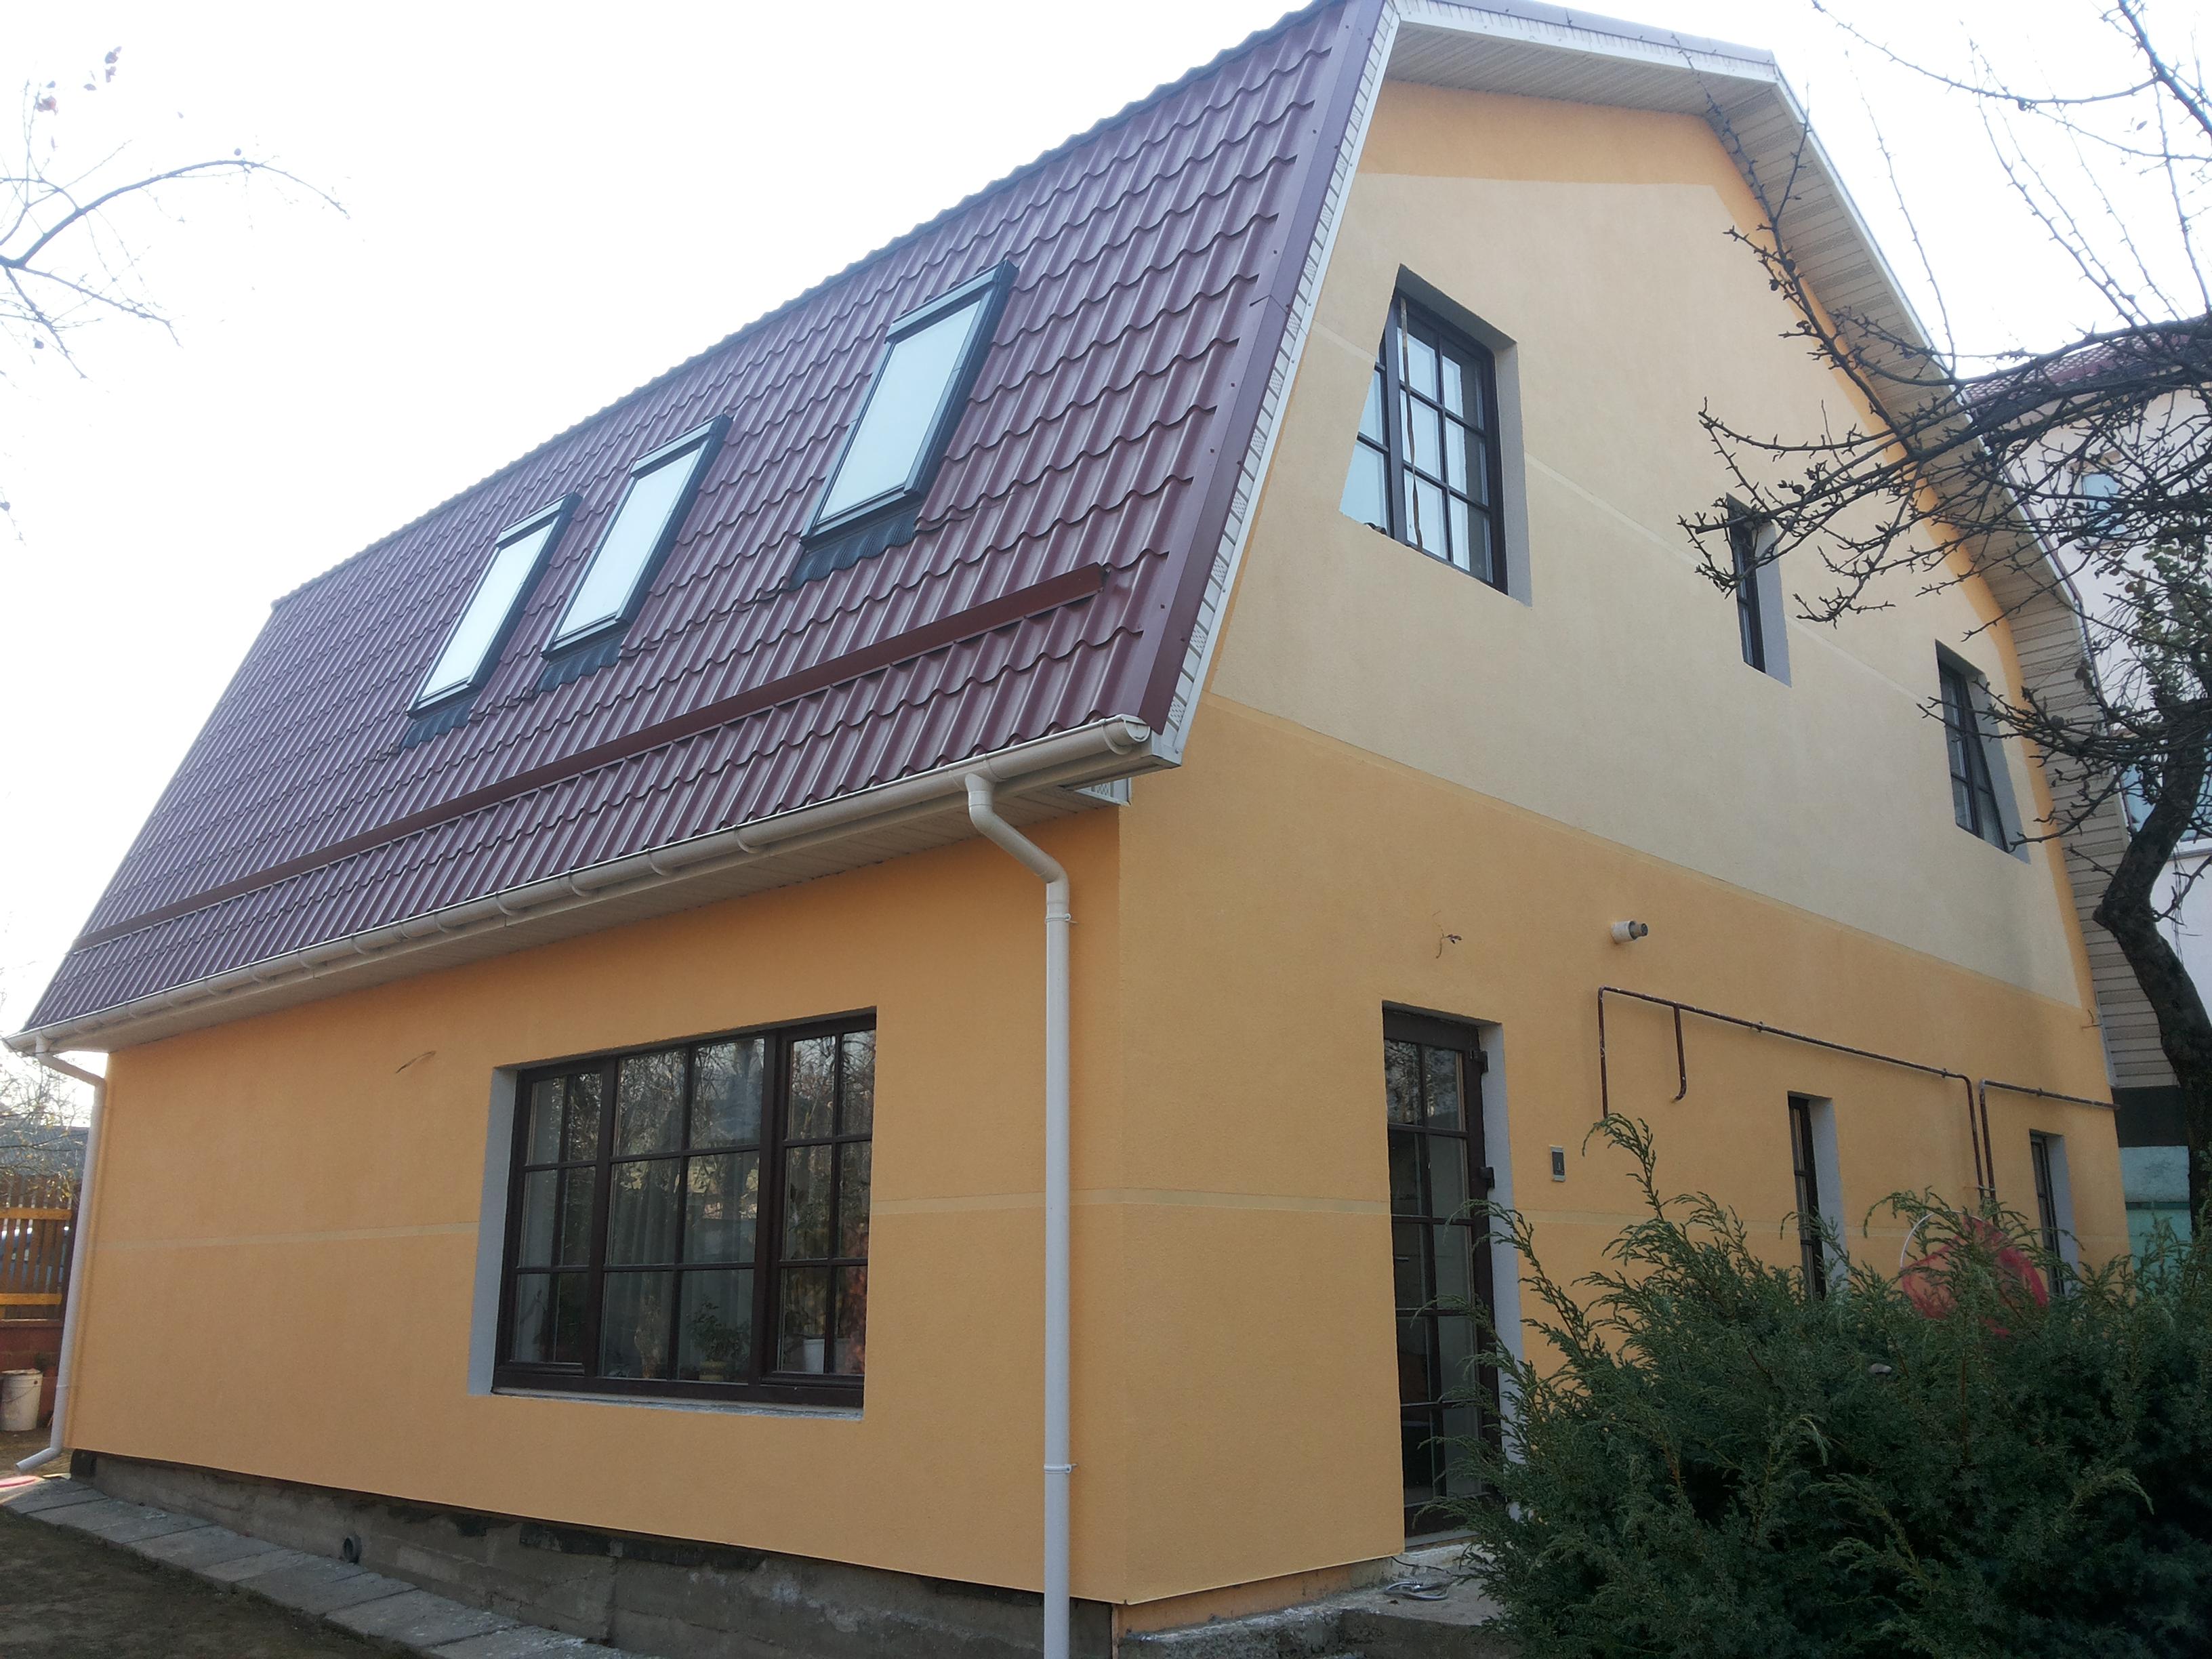 Утепление фасада дома в рязани